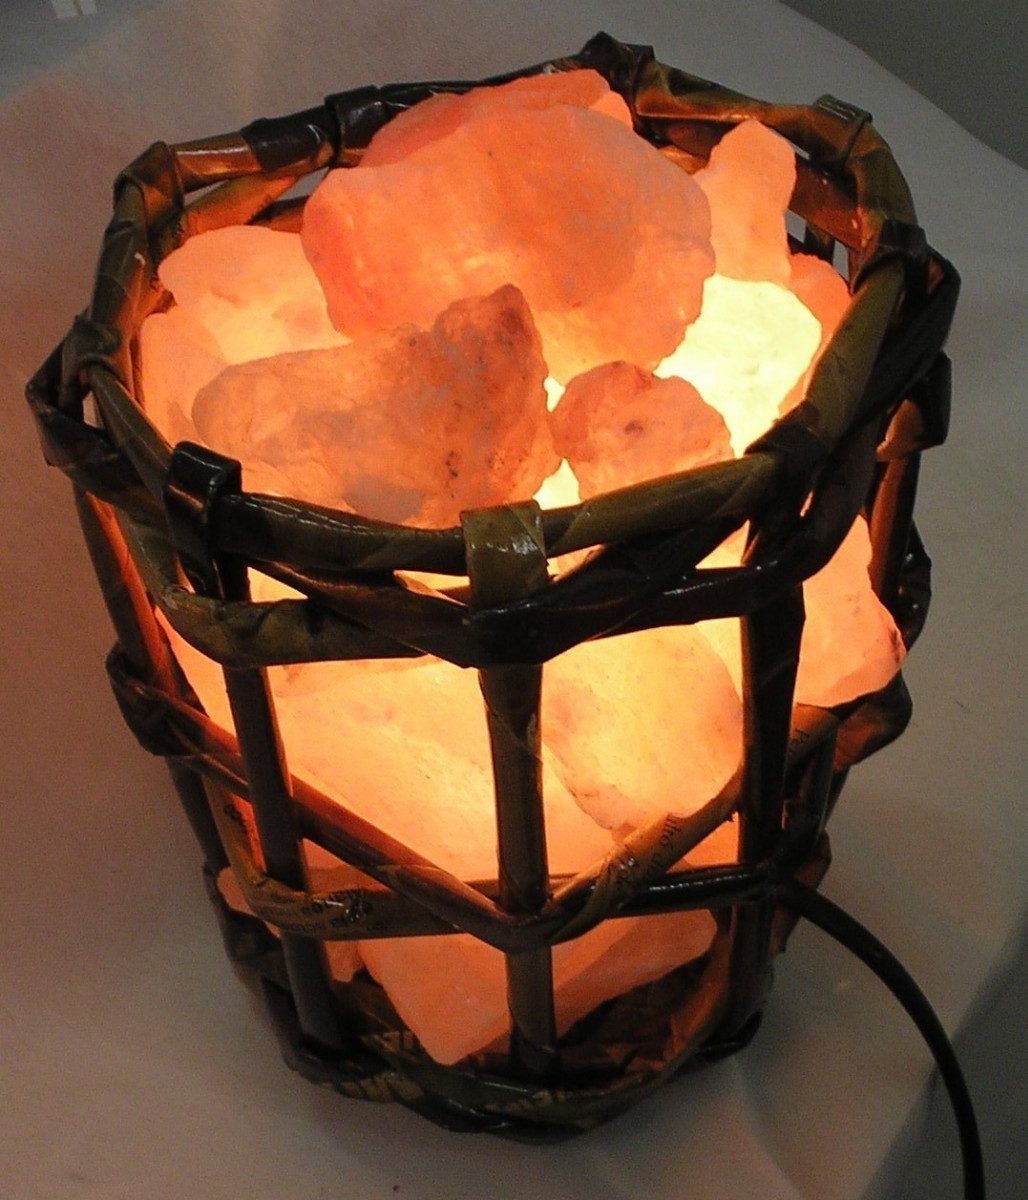 Lamparas De Sal Del Himalaya Regalo Energeticas 140 00 Lampara De Sal Del Himalaya Lamparas De Sal Lampara De Sal